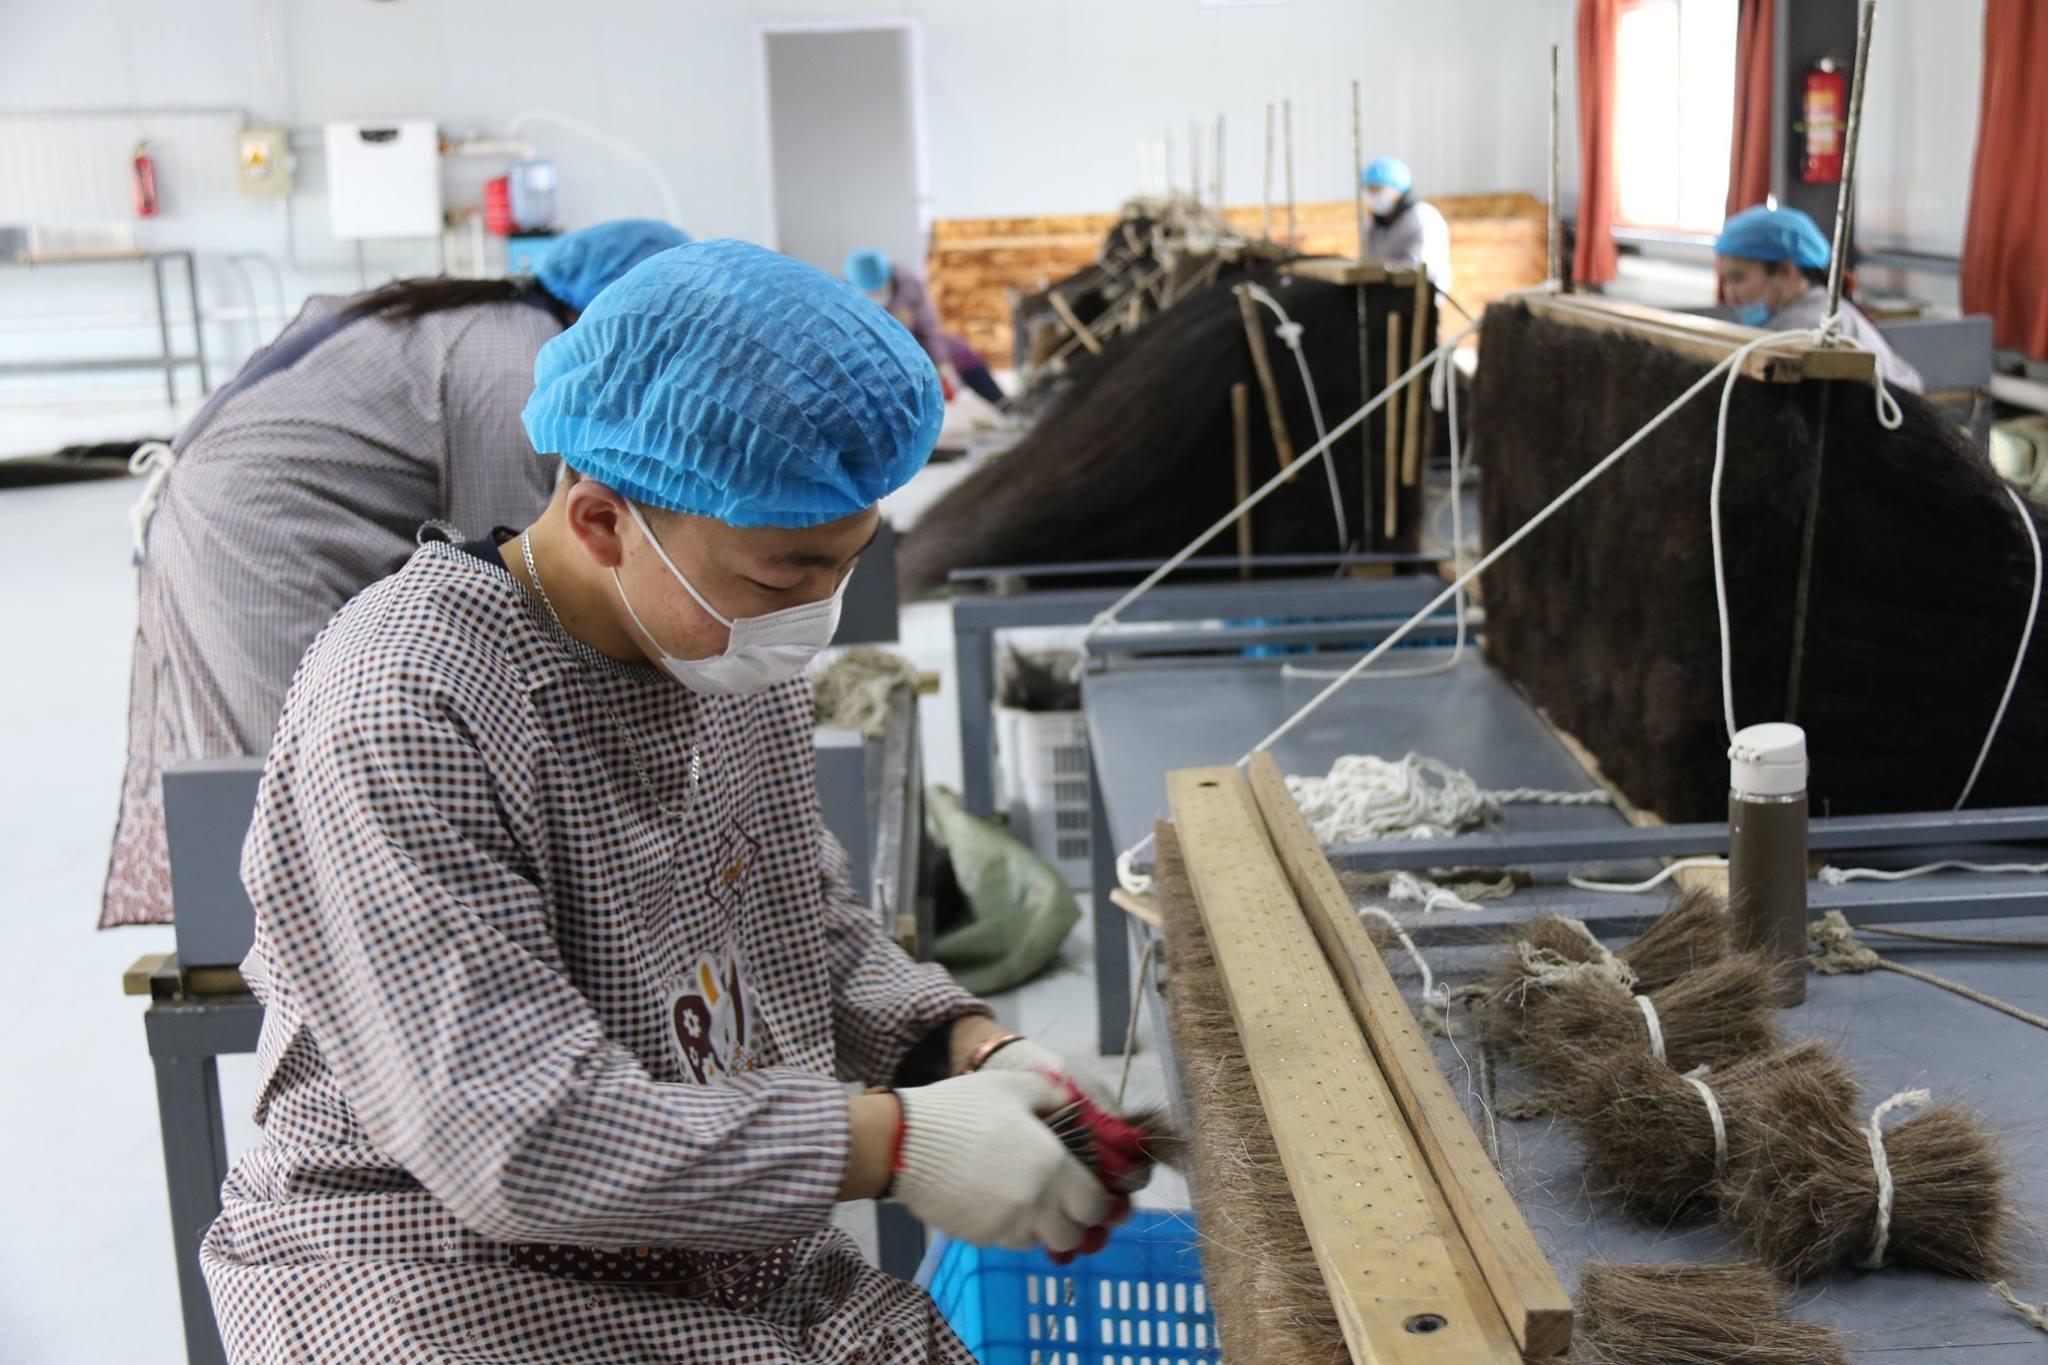 Монгол адууны дэл, сүүл, сарлагийн саваг, тэмээний эр ноосыг боловсруулан экспортод гаргах үйлдвэр ашиглалтанд орлоо